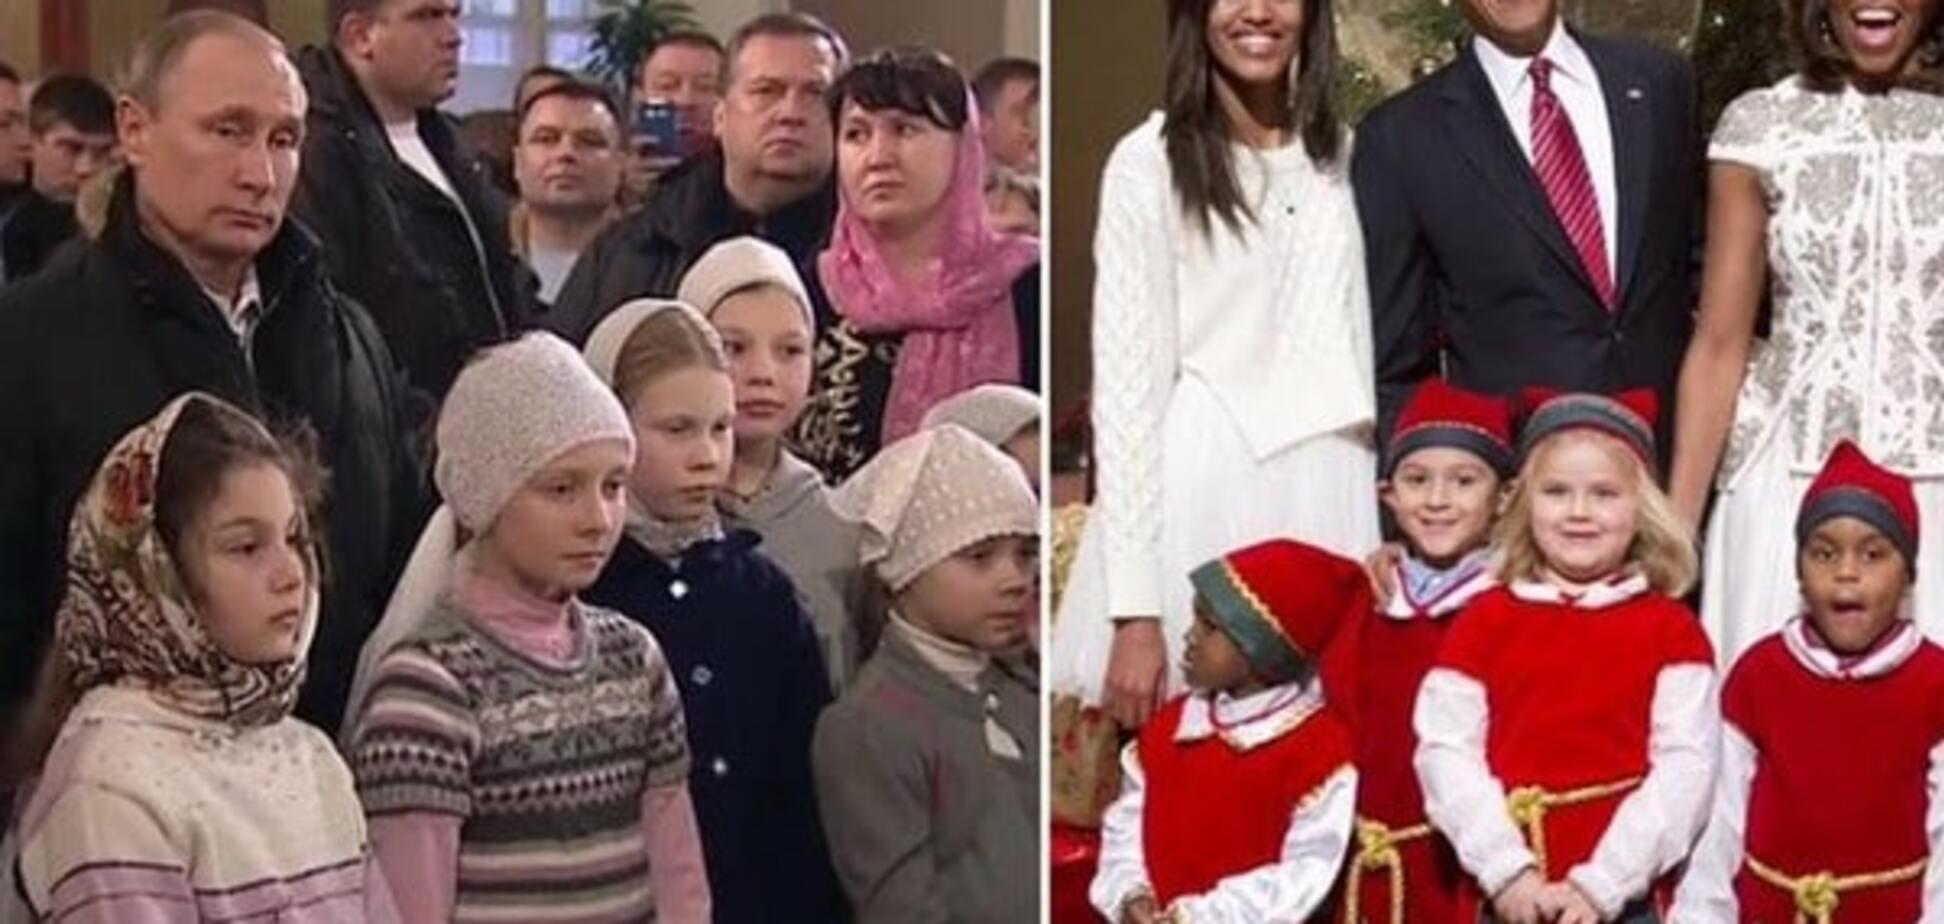 Унылый Путин VS озорной Обама: в соцсетях сравнили Рождество двух президентов